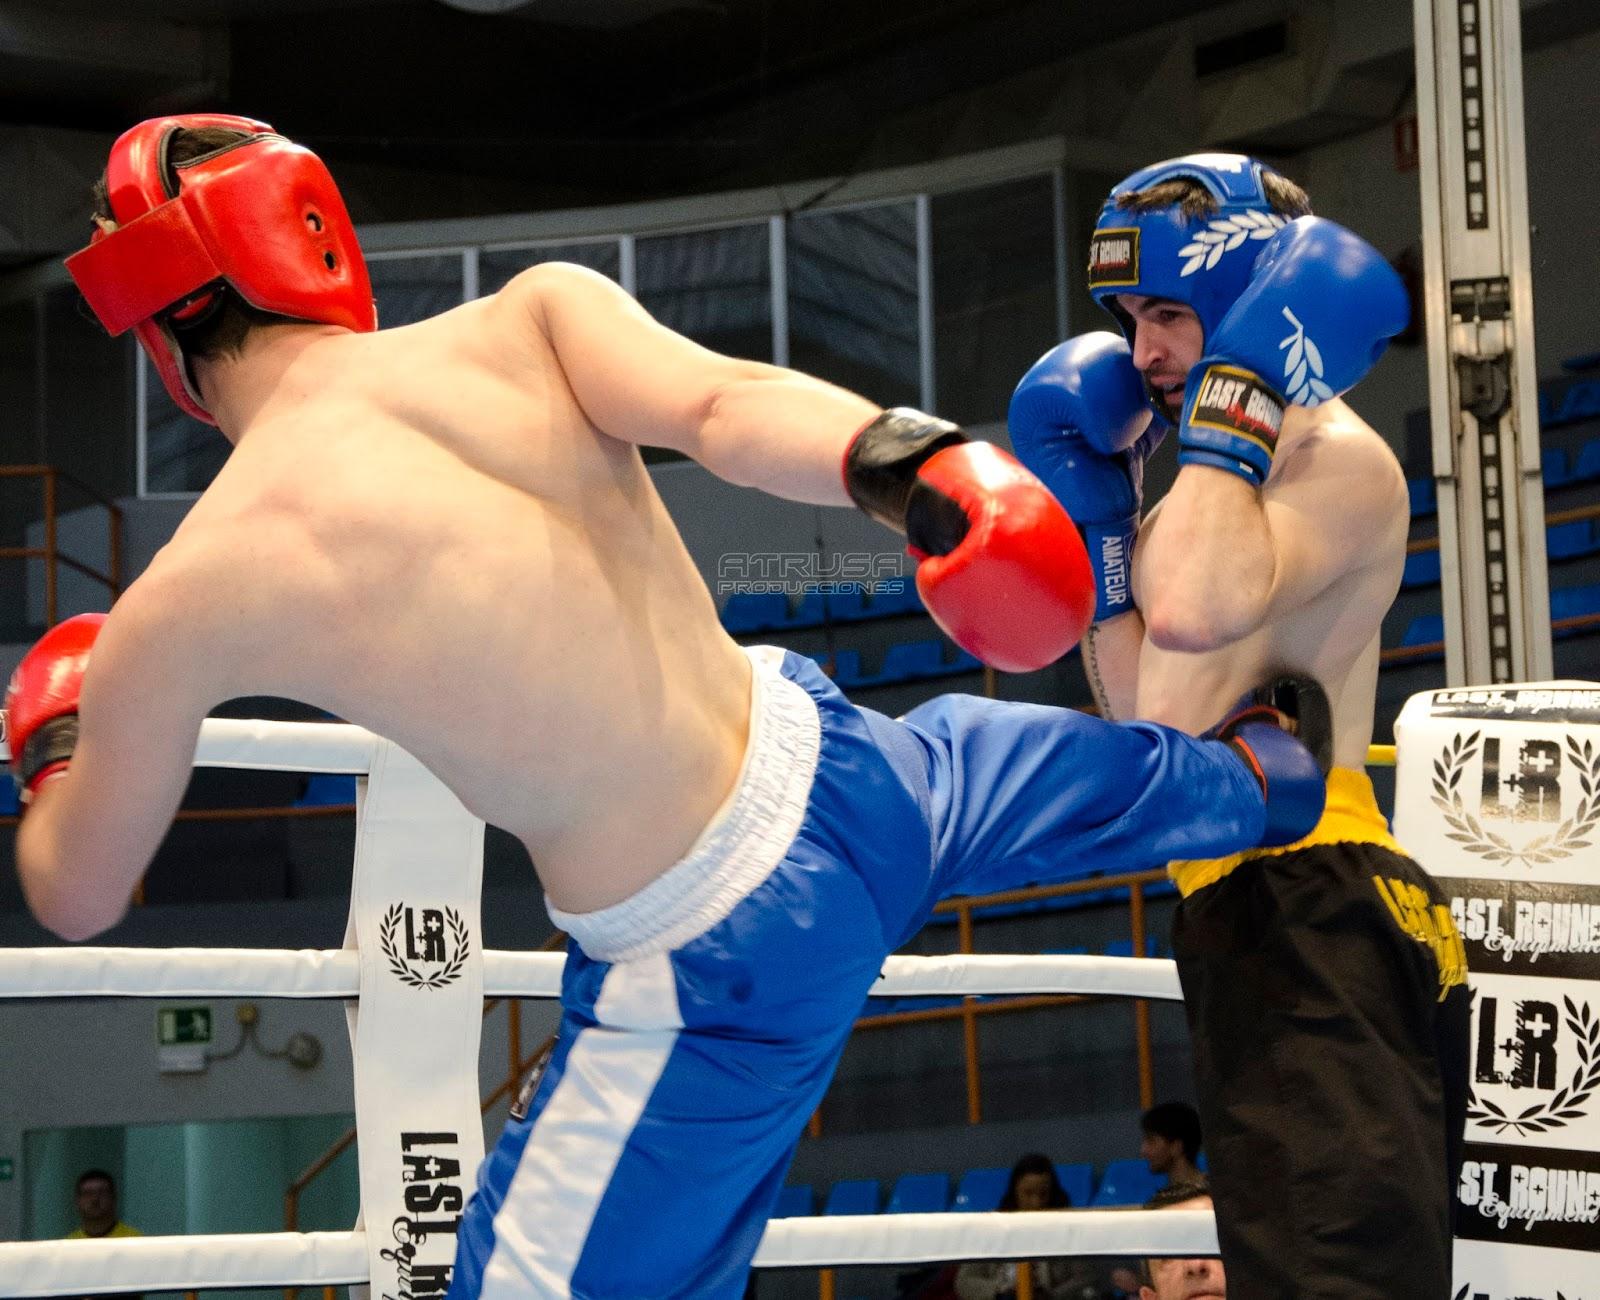 Luchador pegando patada